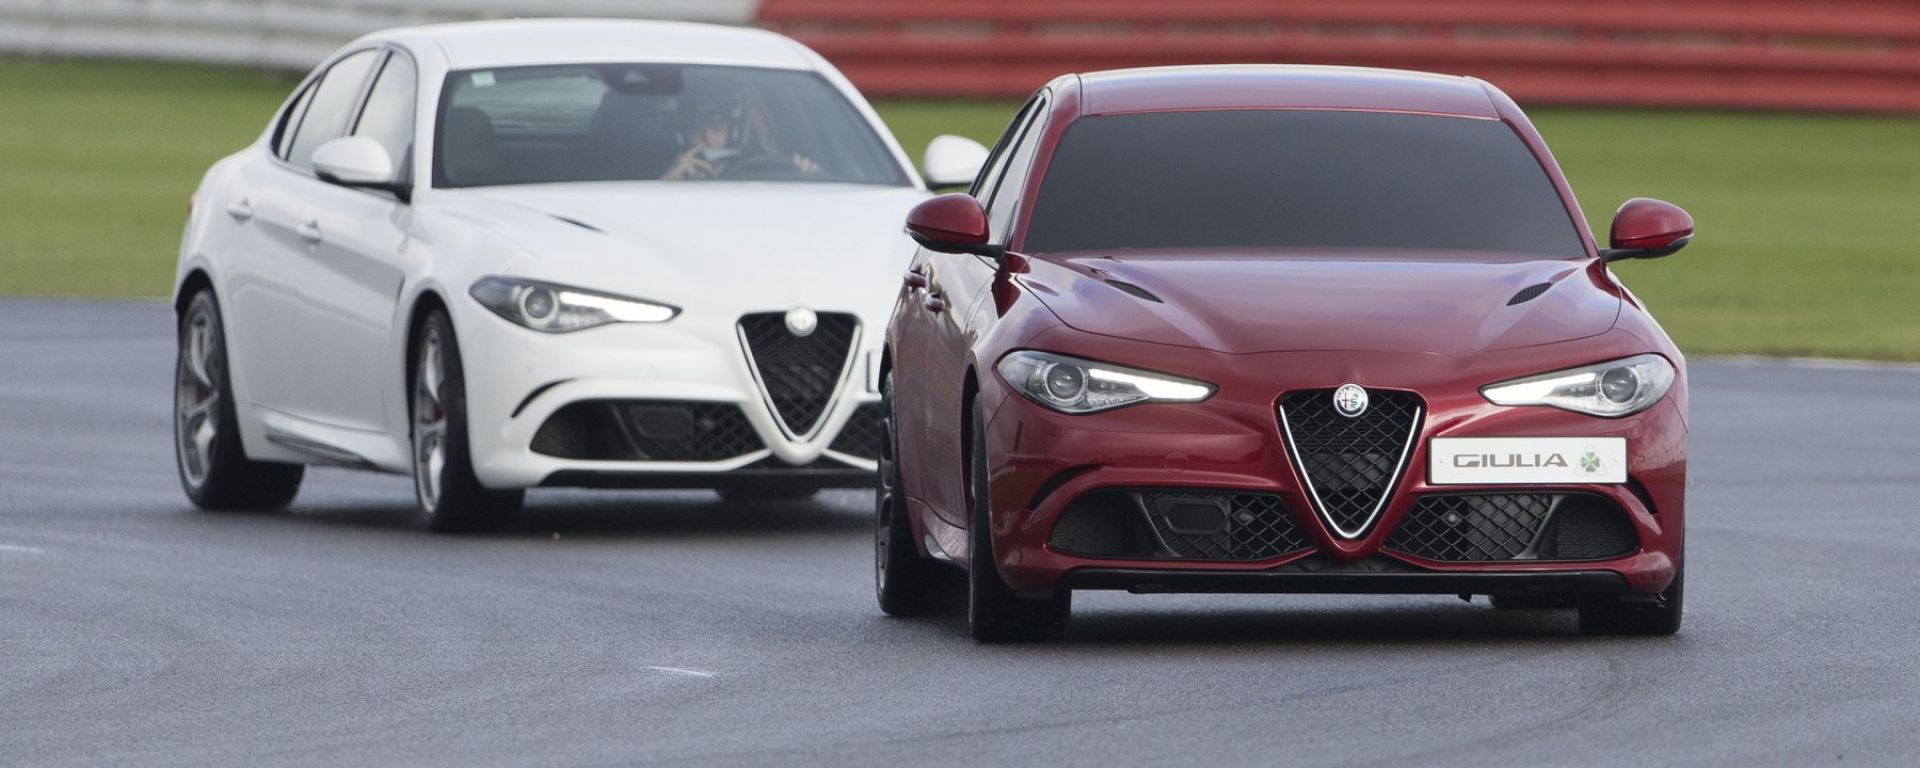 Le due Alfa Romeo Giulia Quadrifoglio impegnate nel record